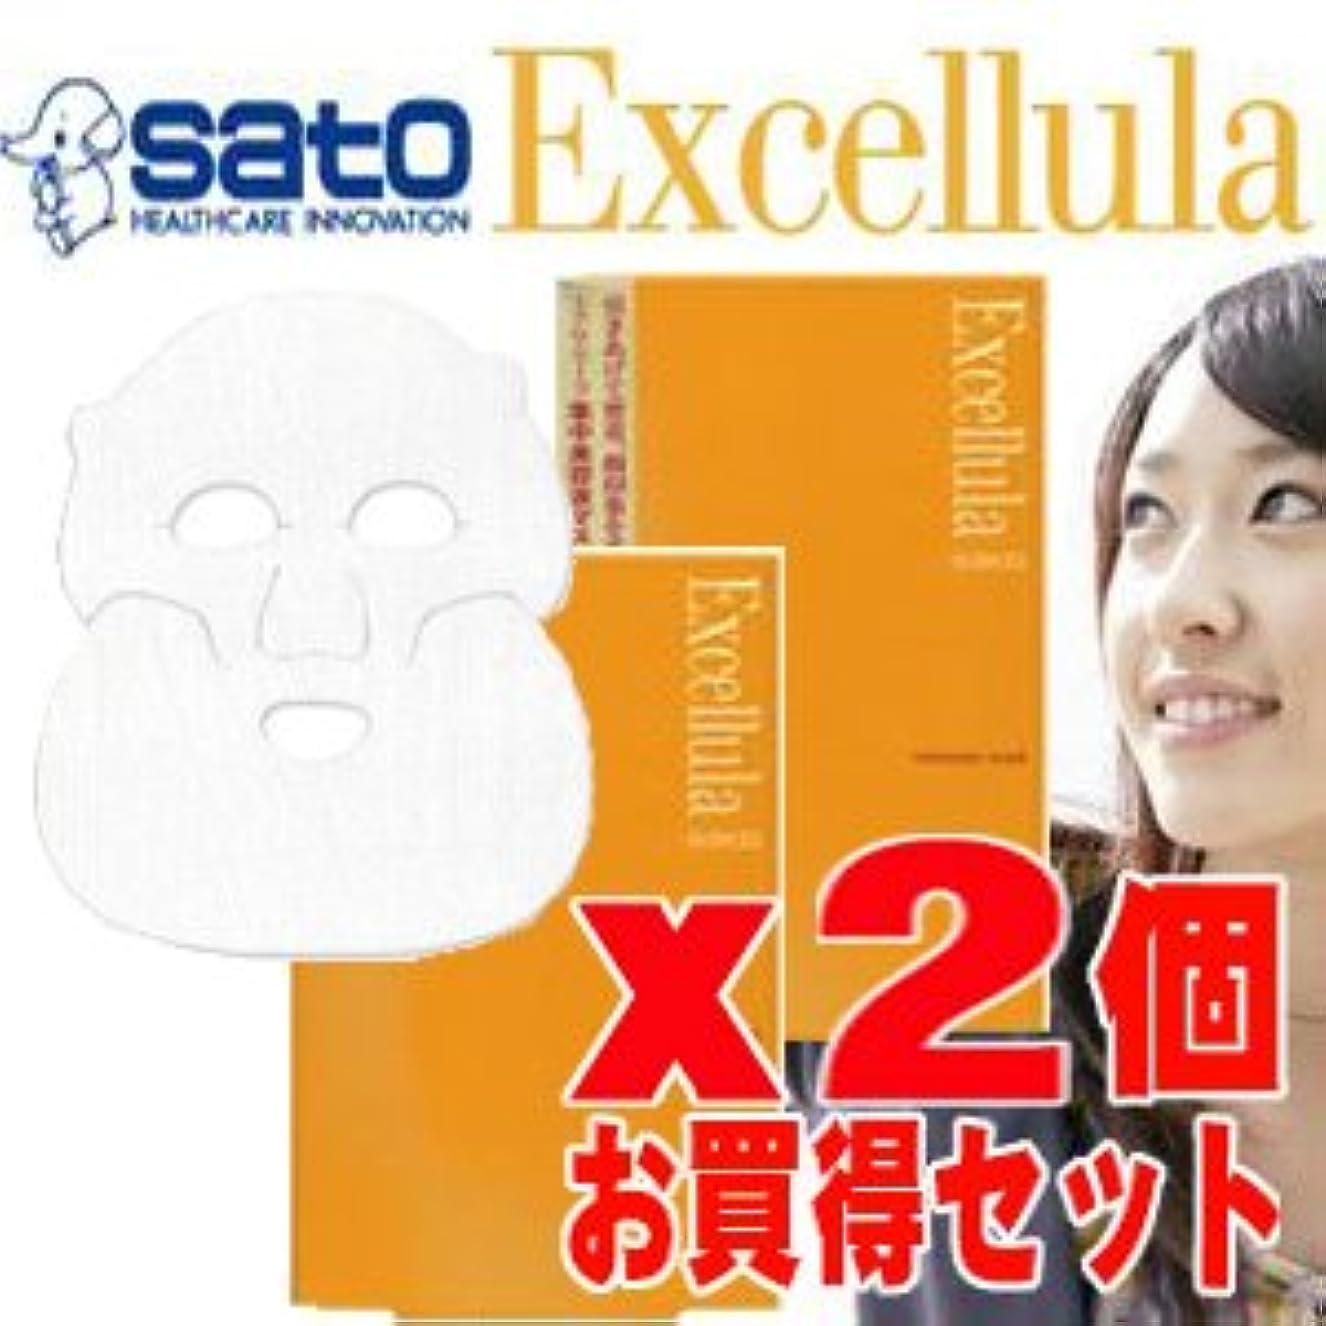 キャプテンはいバス★お買得2個★ エクセルーラ モイスチュアマスク (シート状美容液マスク) 26mL×4枚(4回分) x2個セット